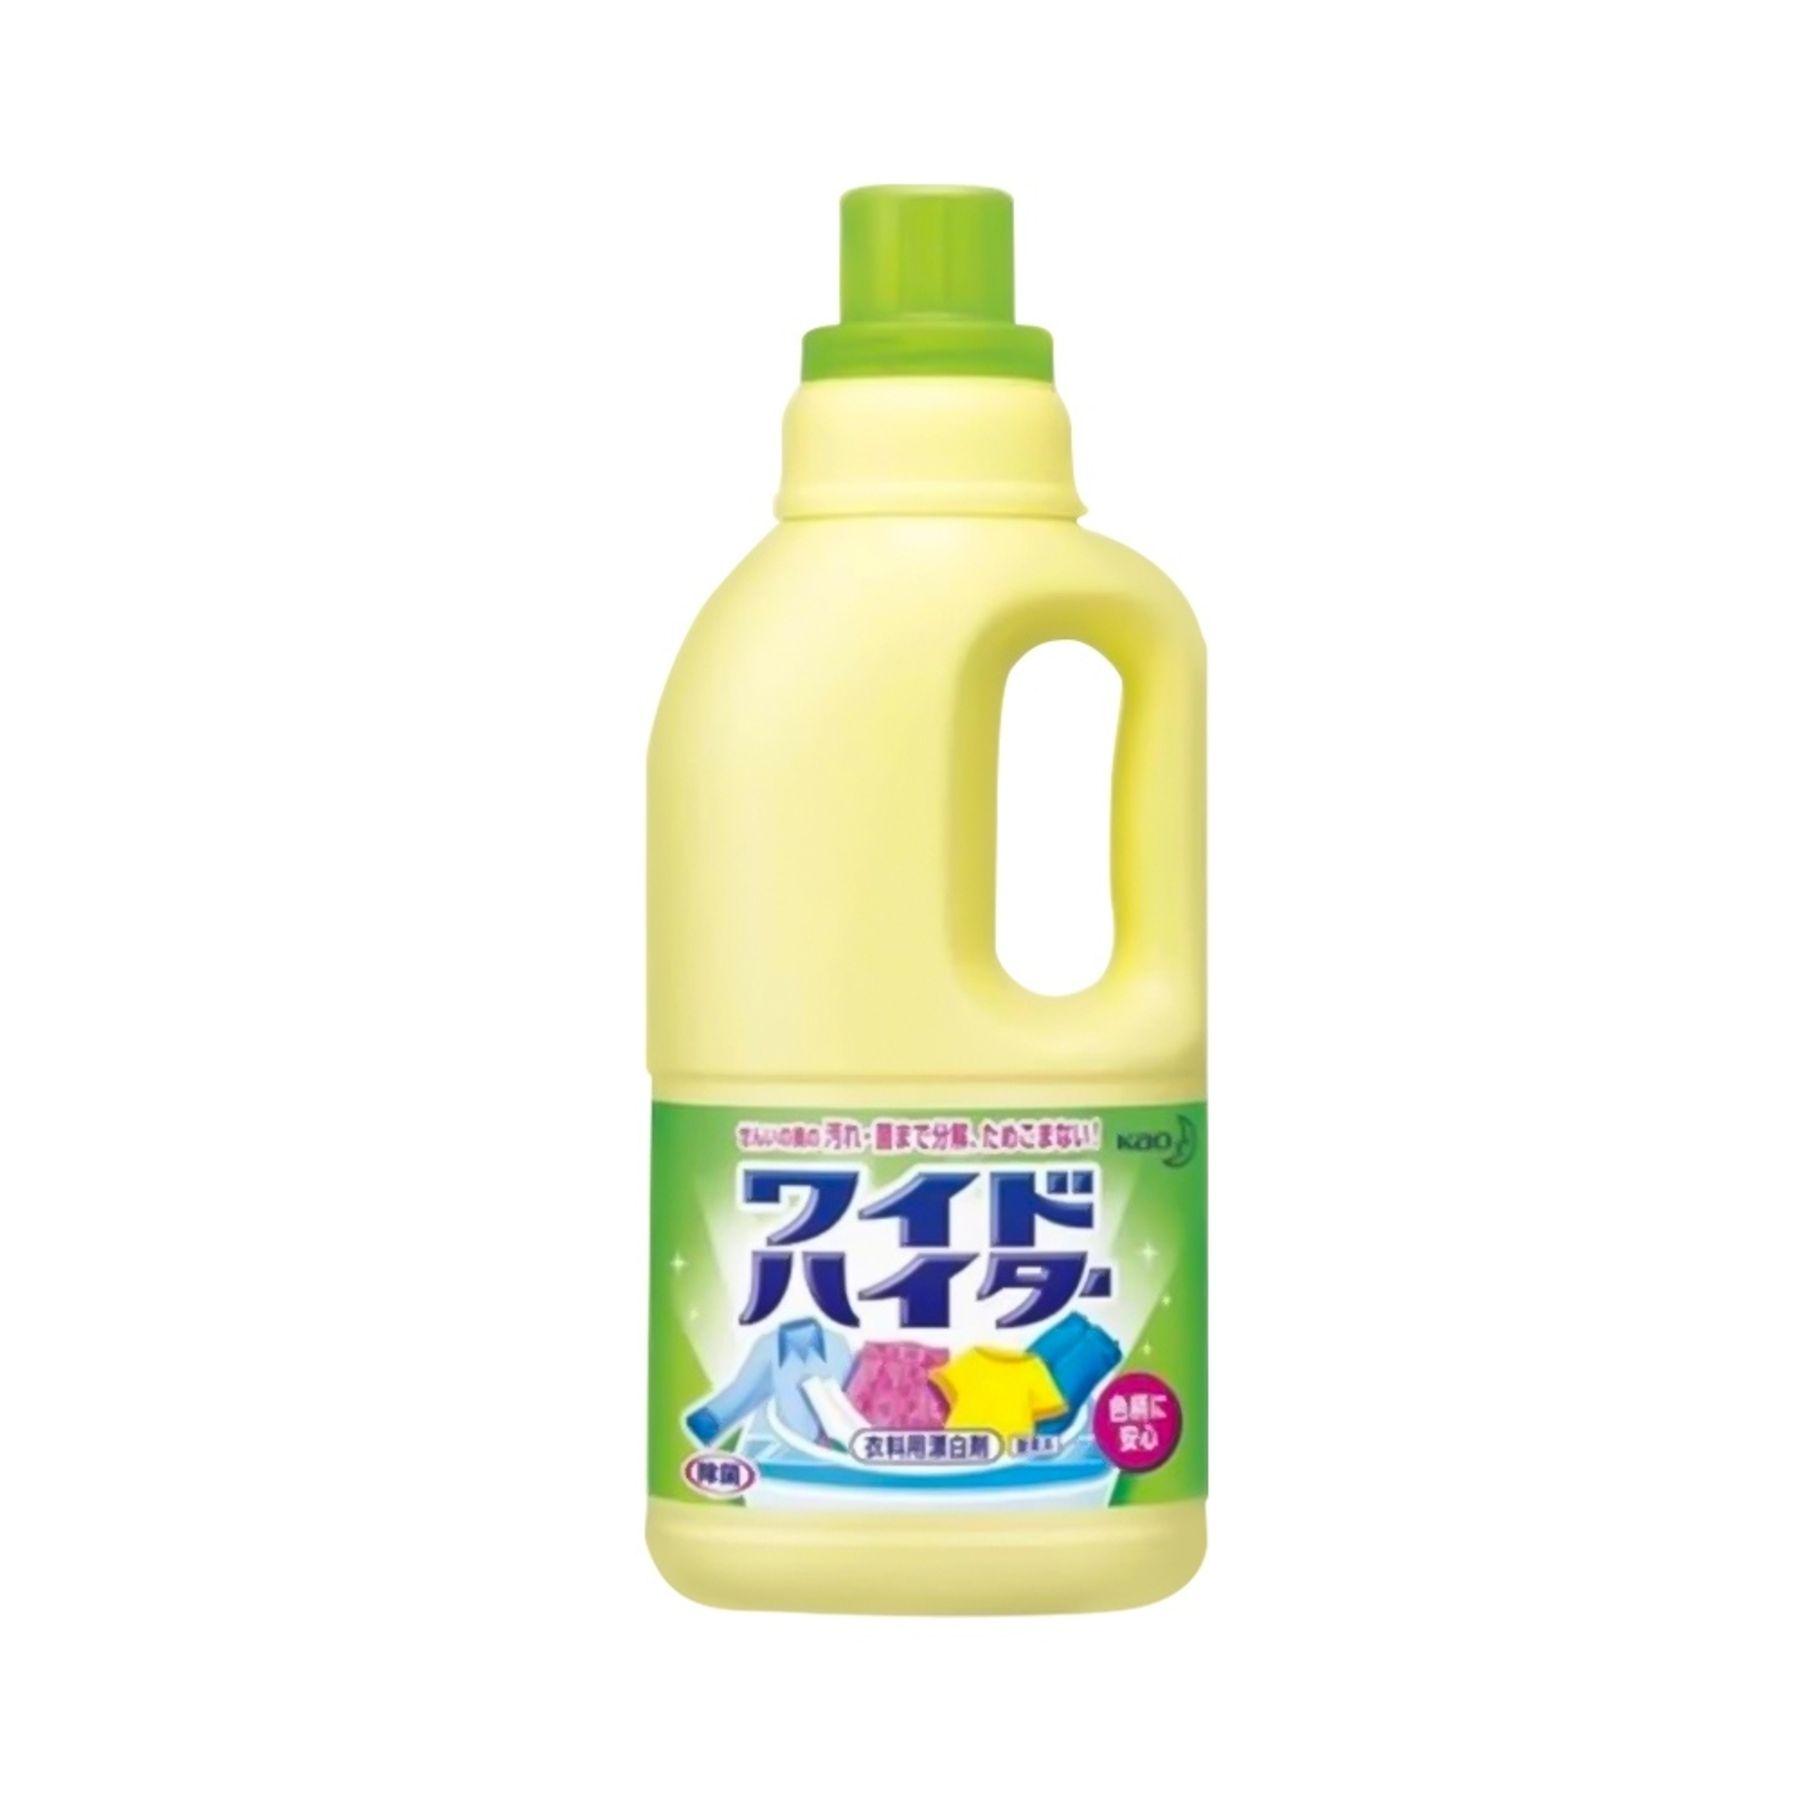 Thuốc tẩy quần áo Nhật Bản - KAO